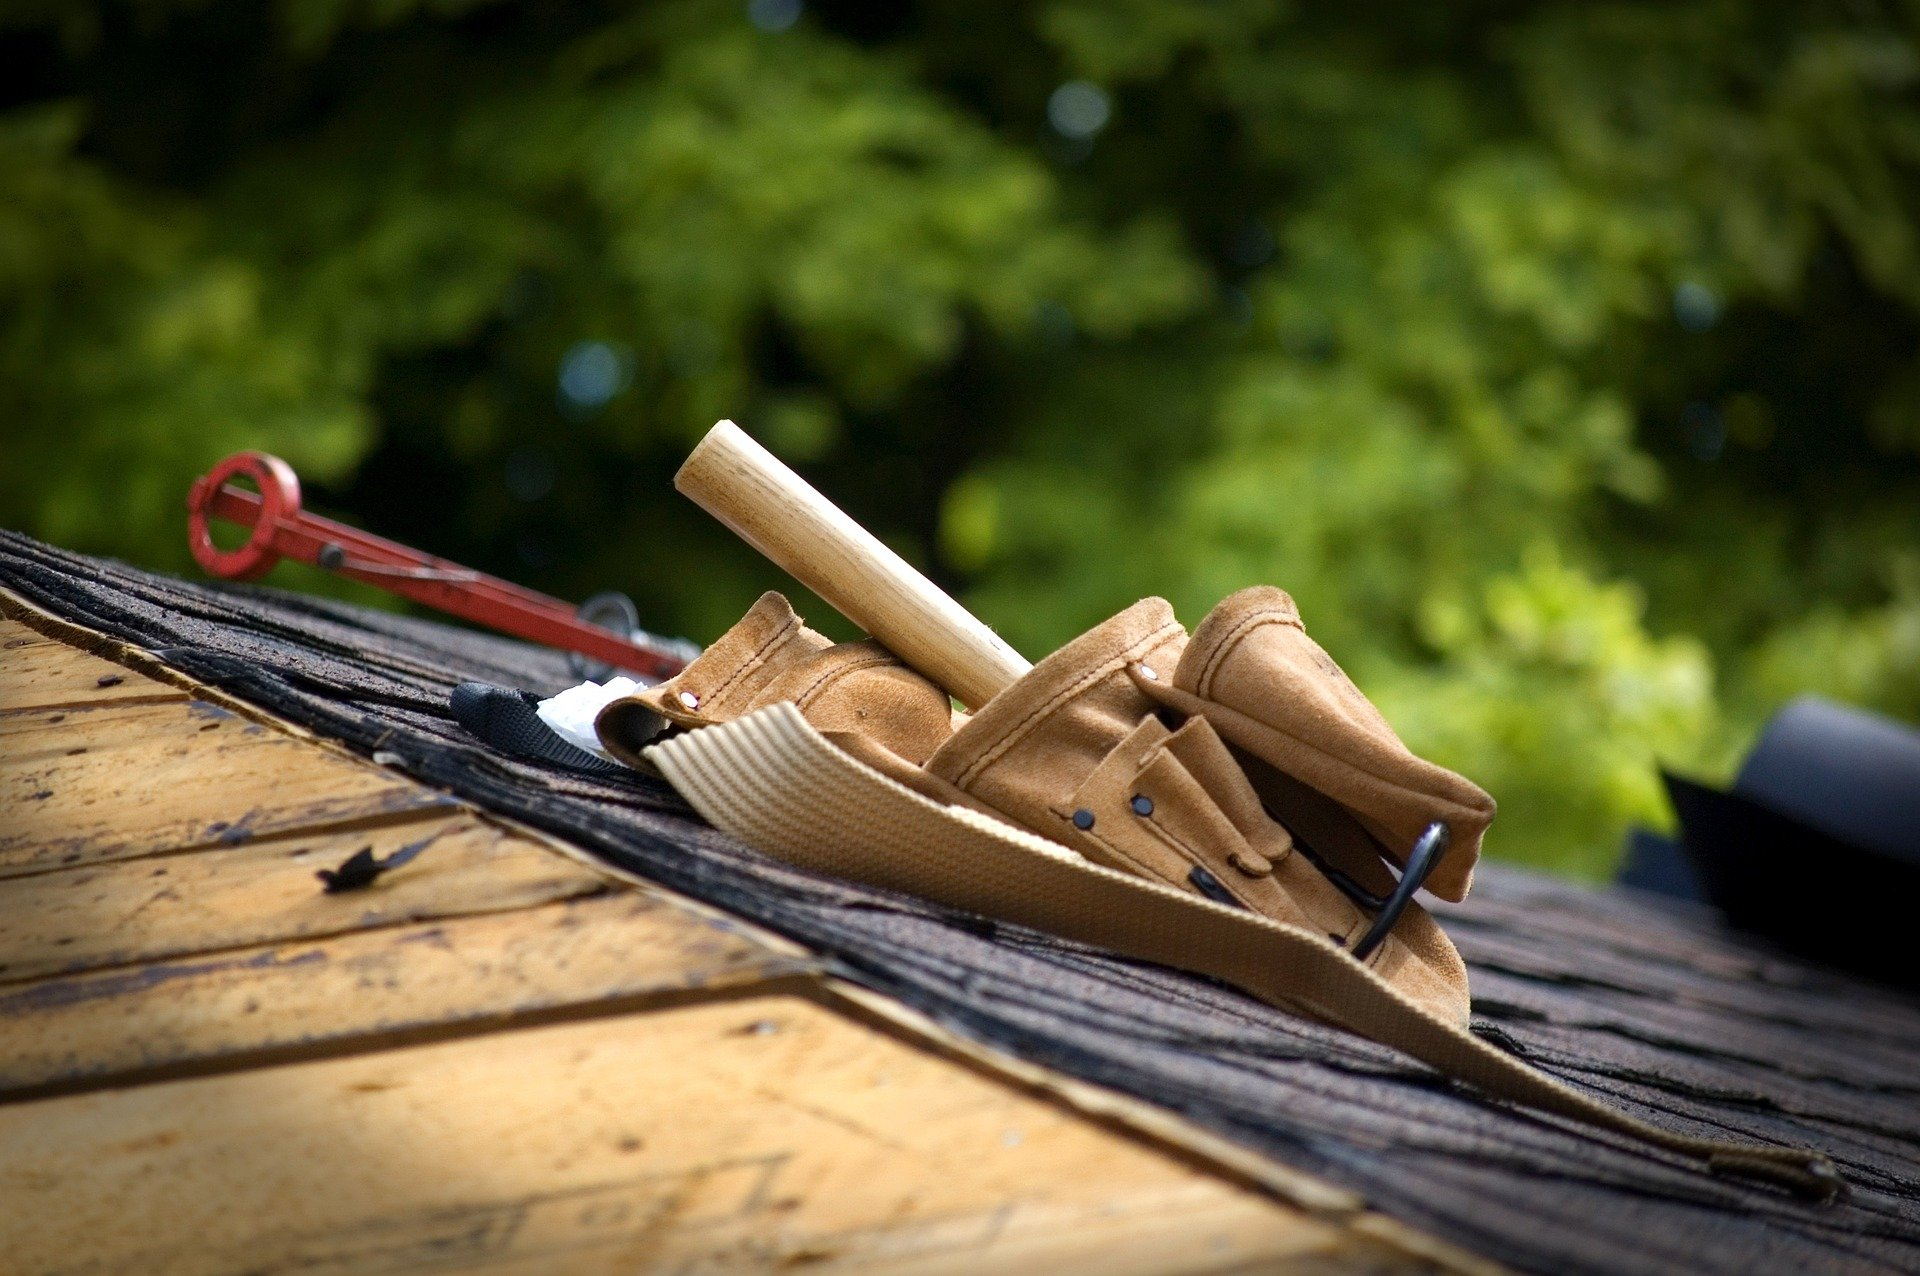 tool-belt-739152_1920